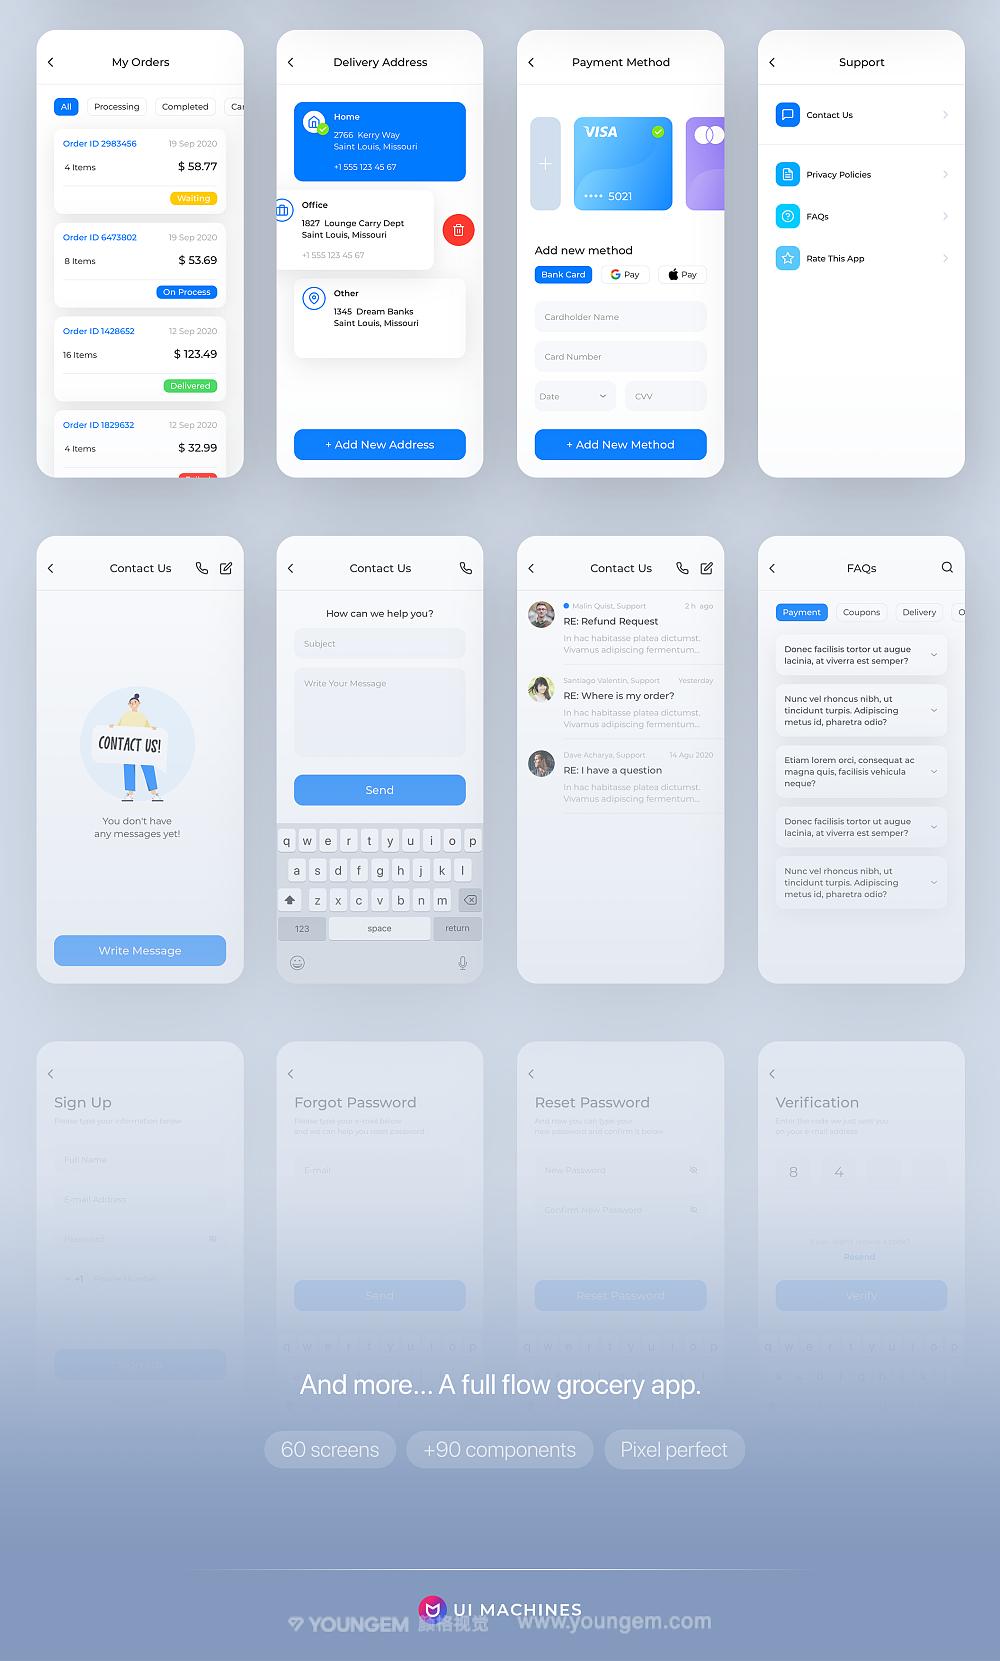 移动杂货食品电商手机应用程序高质量app用户界面ui设计套件模板